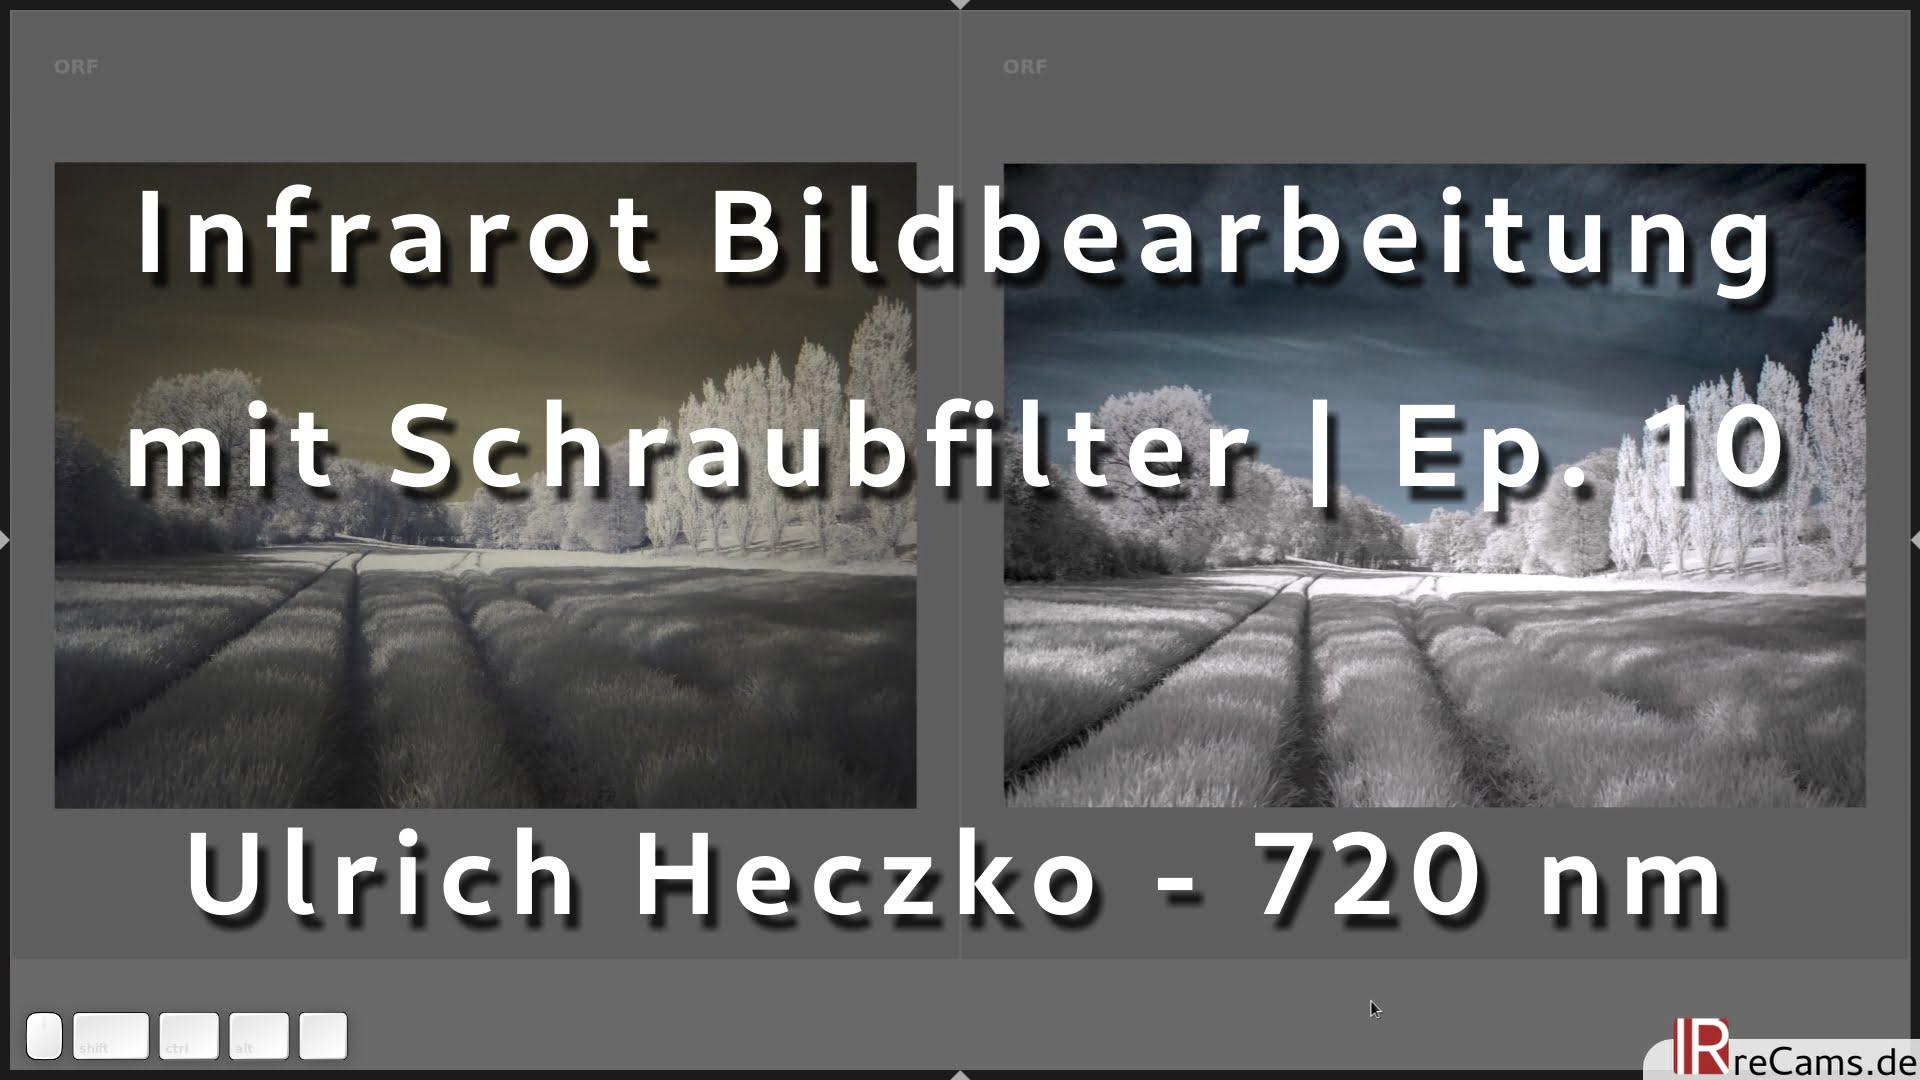 Infrarot Bildbearbeitung - Infrarot Schraubfilter | Ep. 10